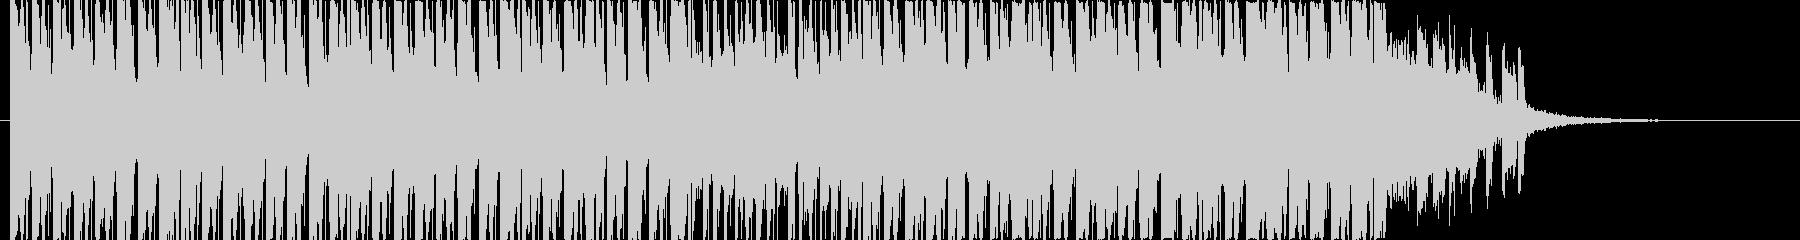 軽快なピアノの四つ打ちBGMの未再生の波形